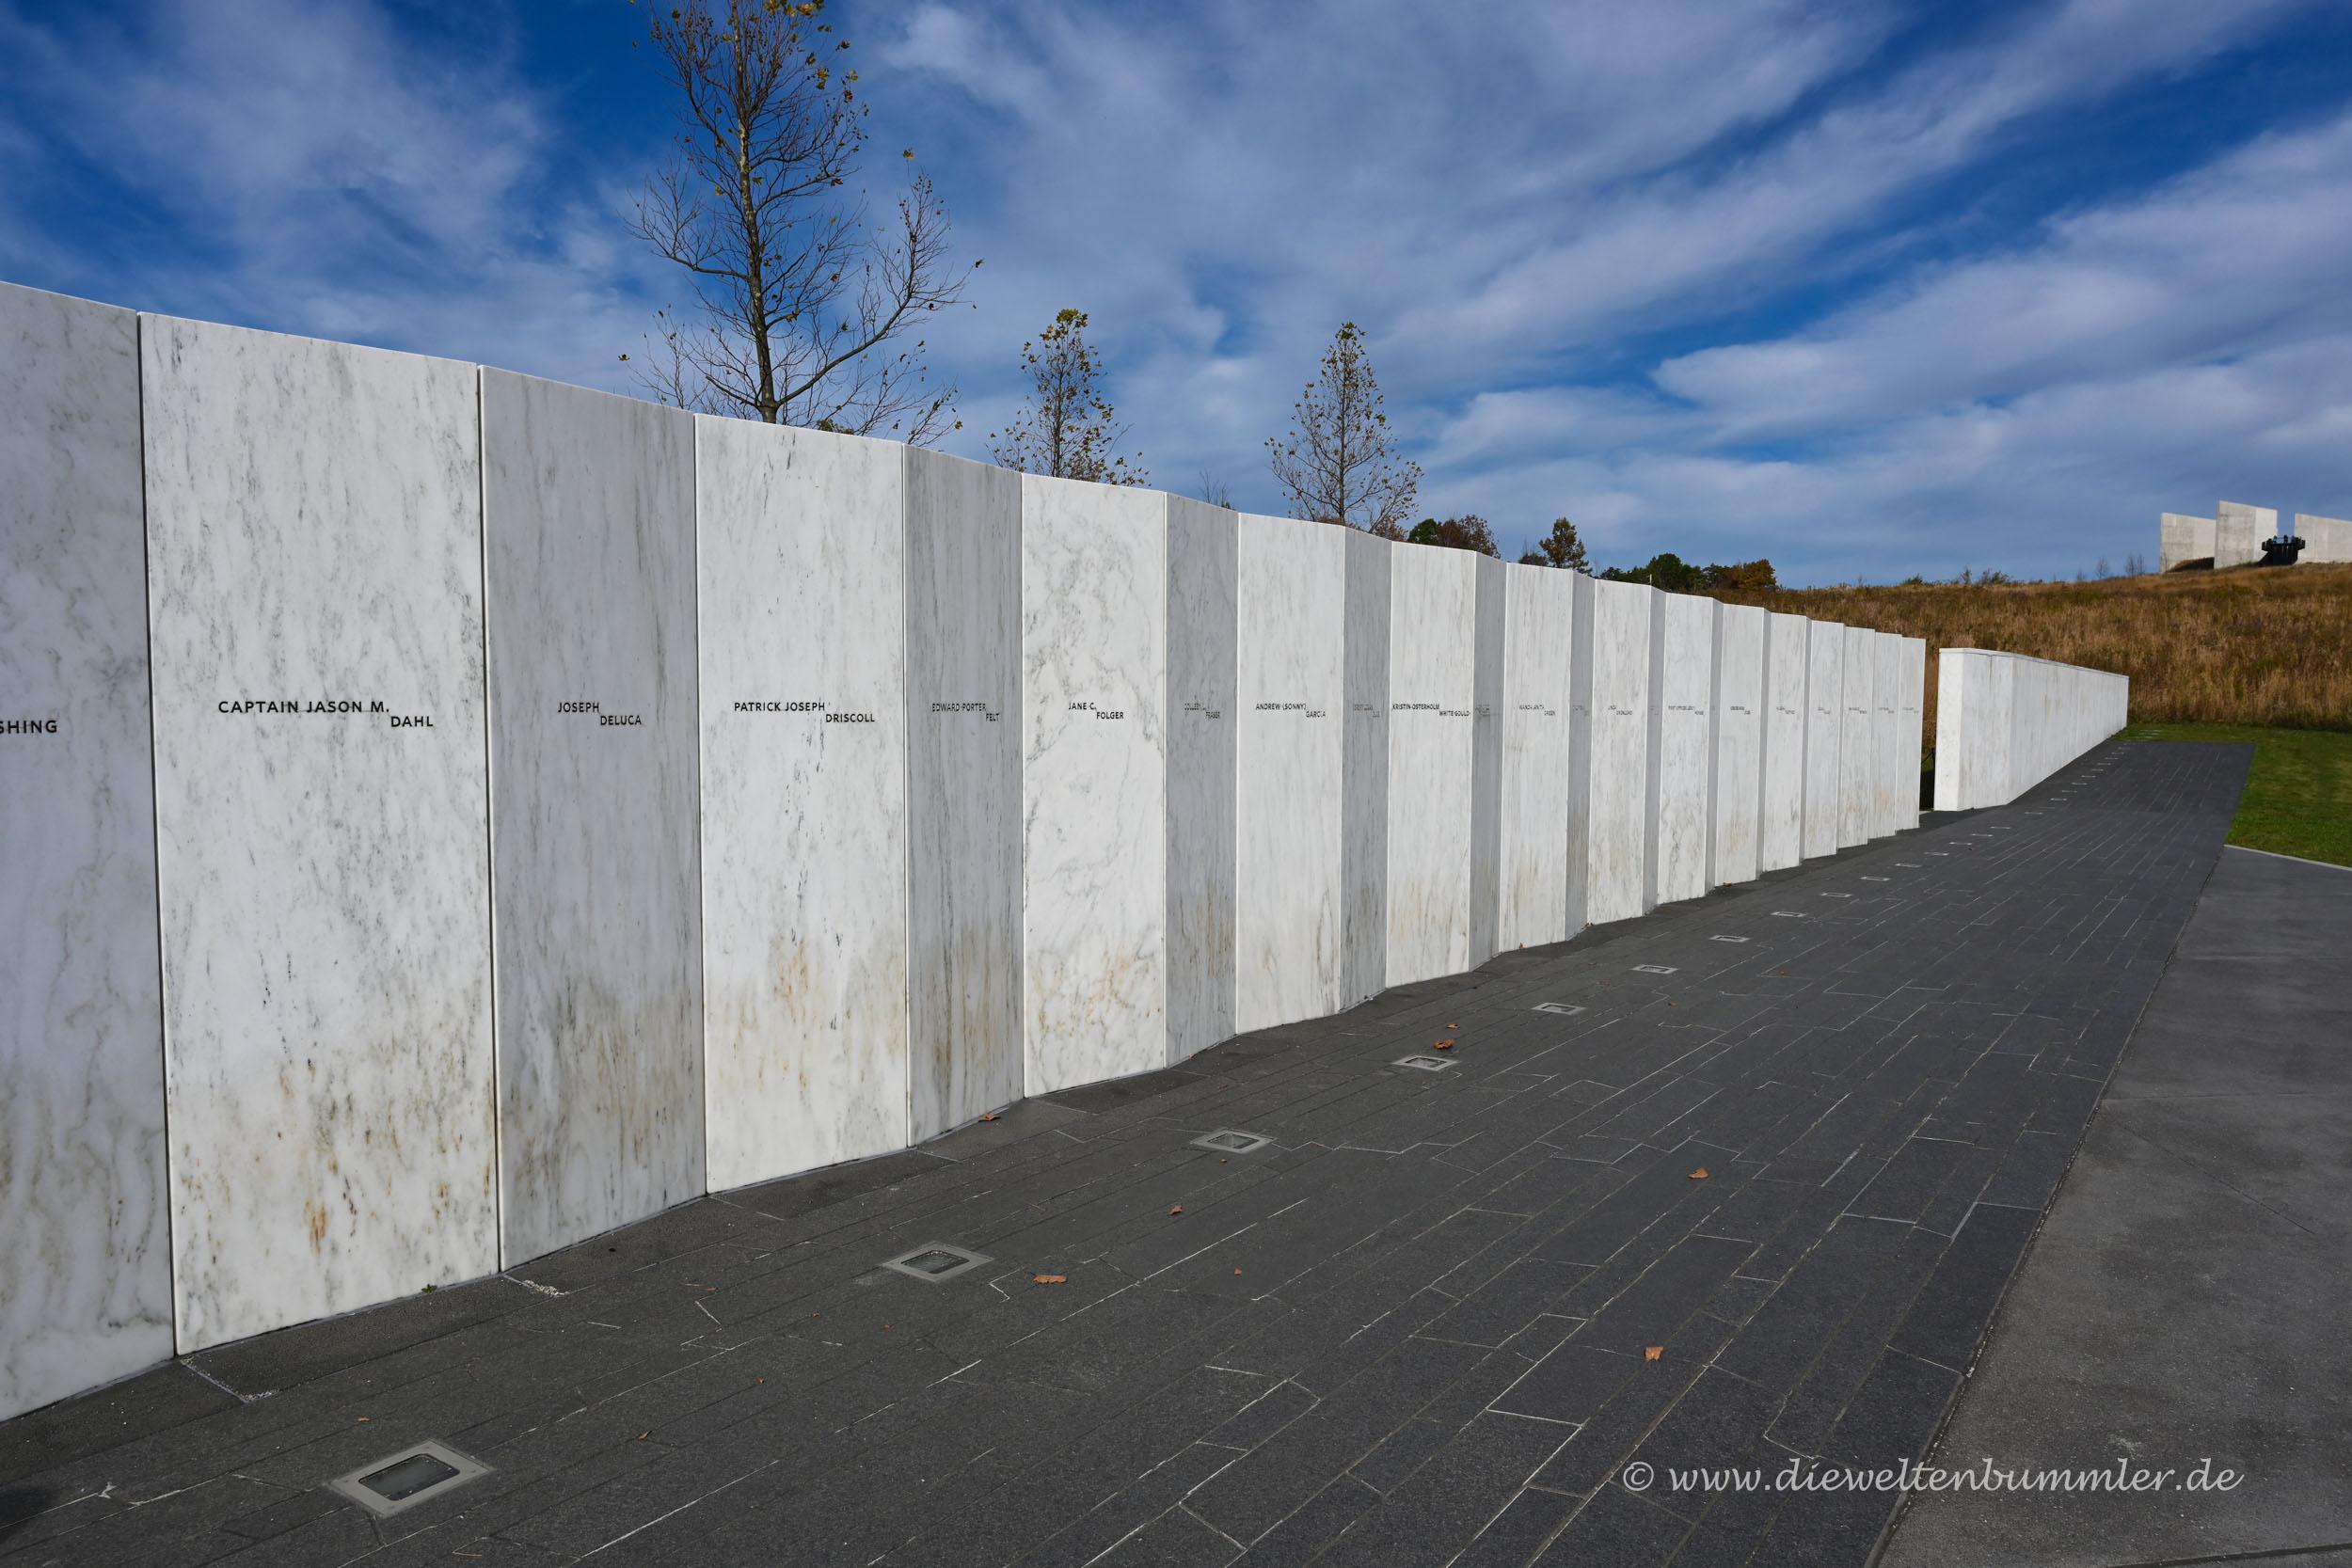 Wand mit Opfernamen